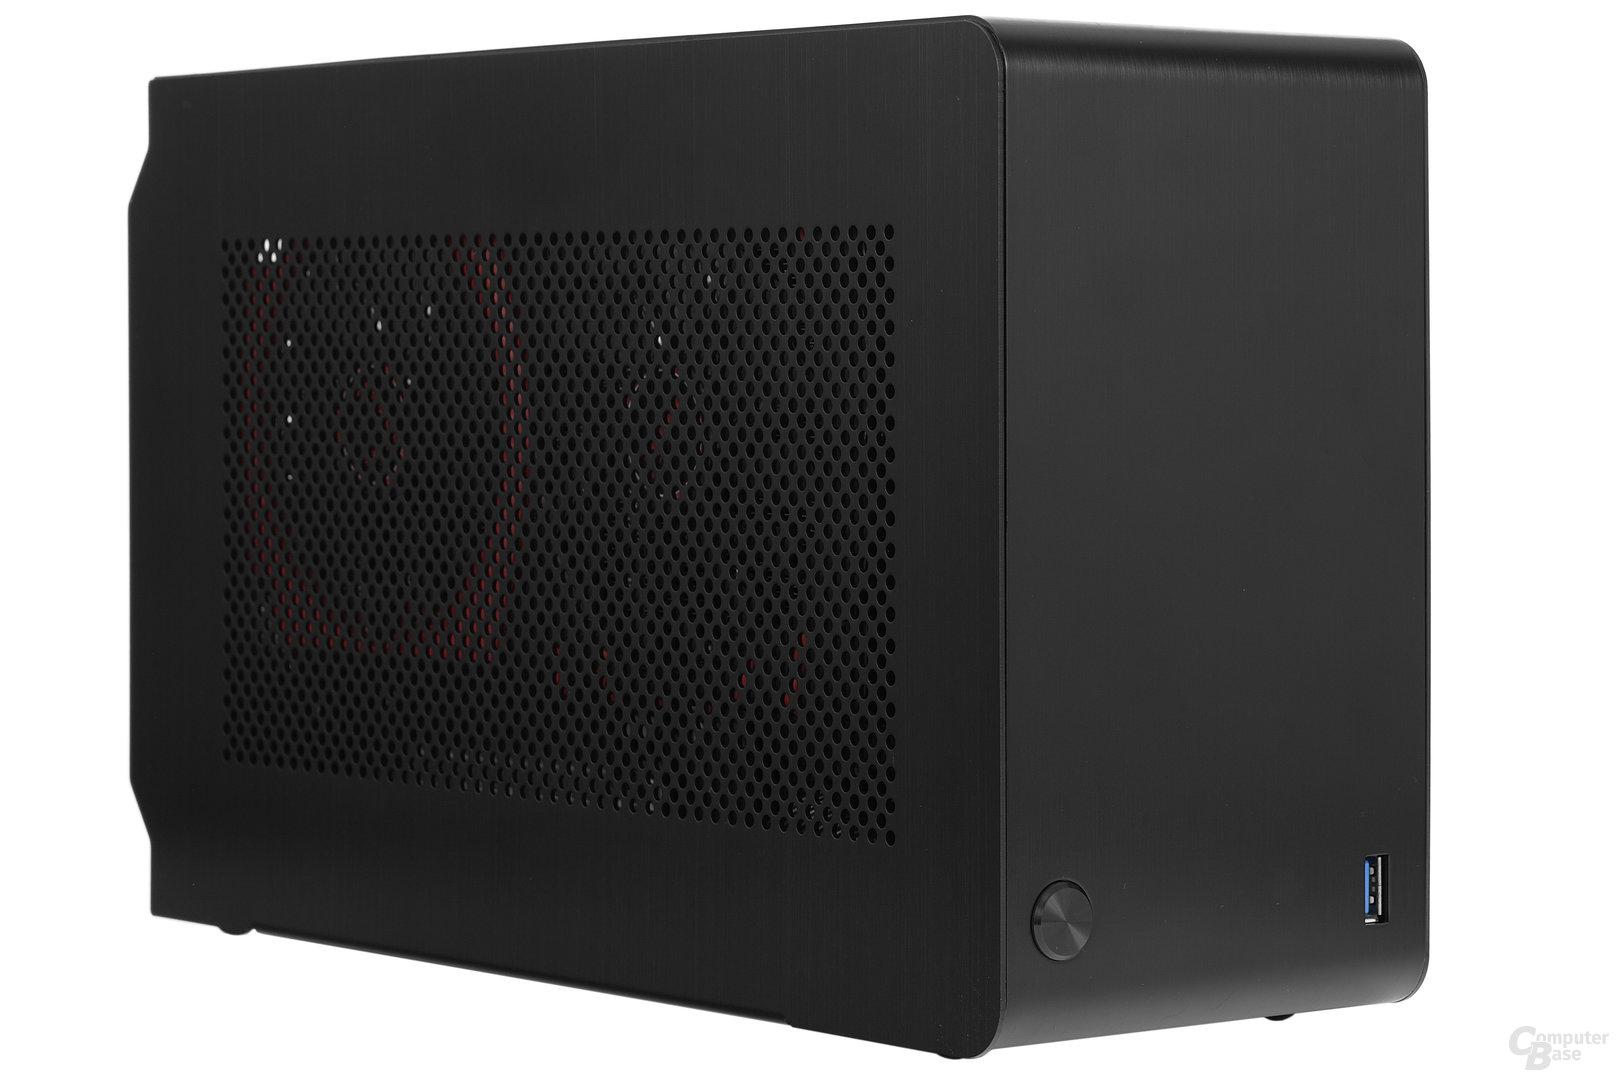 DAN Cases A4-SFX – Grafikkarte schimmert durch Lochblech hindurch